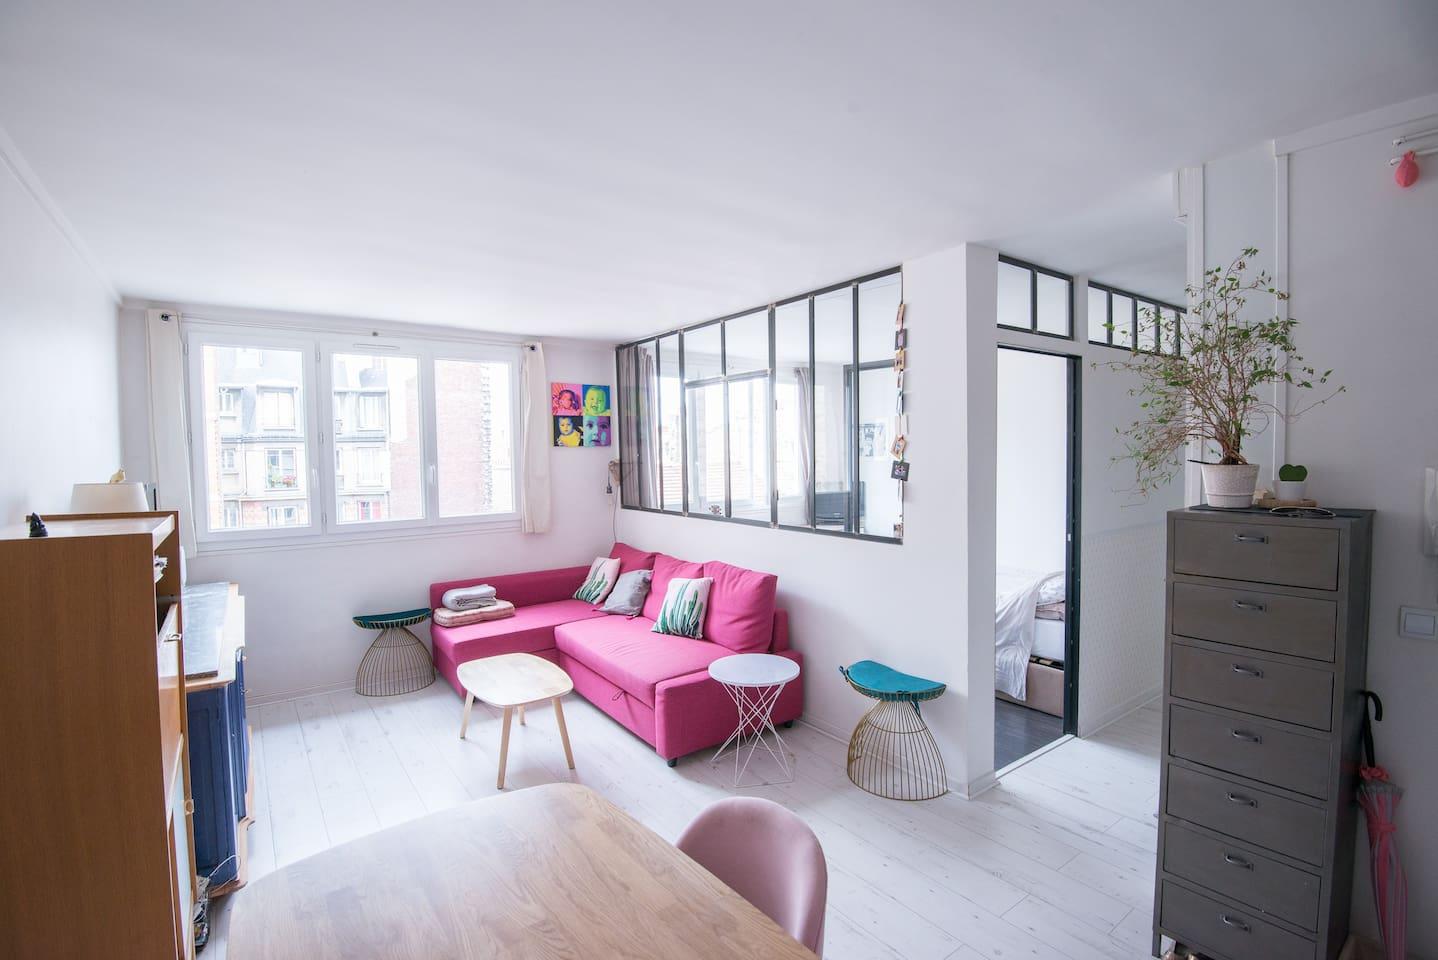 loft rempli de luminosité grâce à son exposition plein sud et ses nombreuses verrières appartement entièrement rénovée et aux normes double vitrage dans tout l'appartement